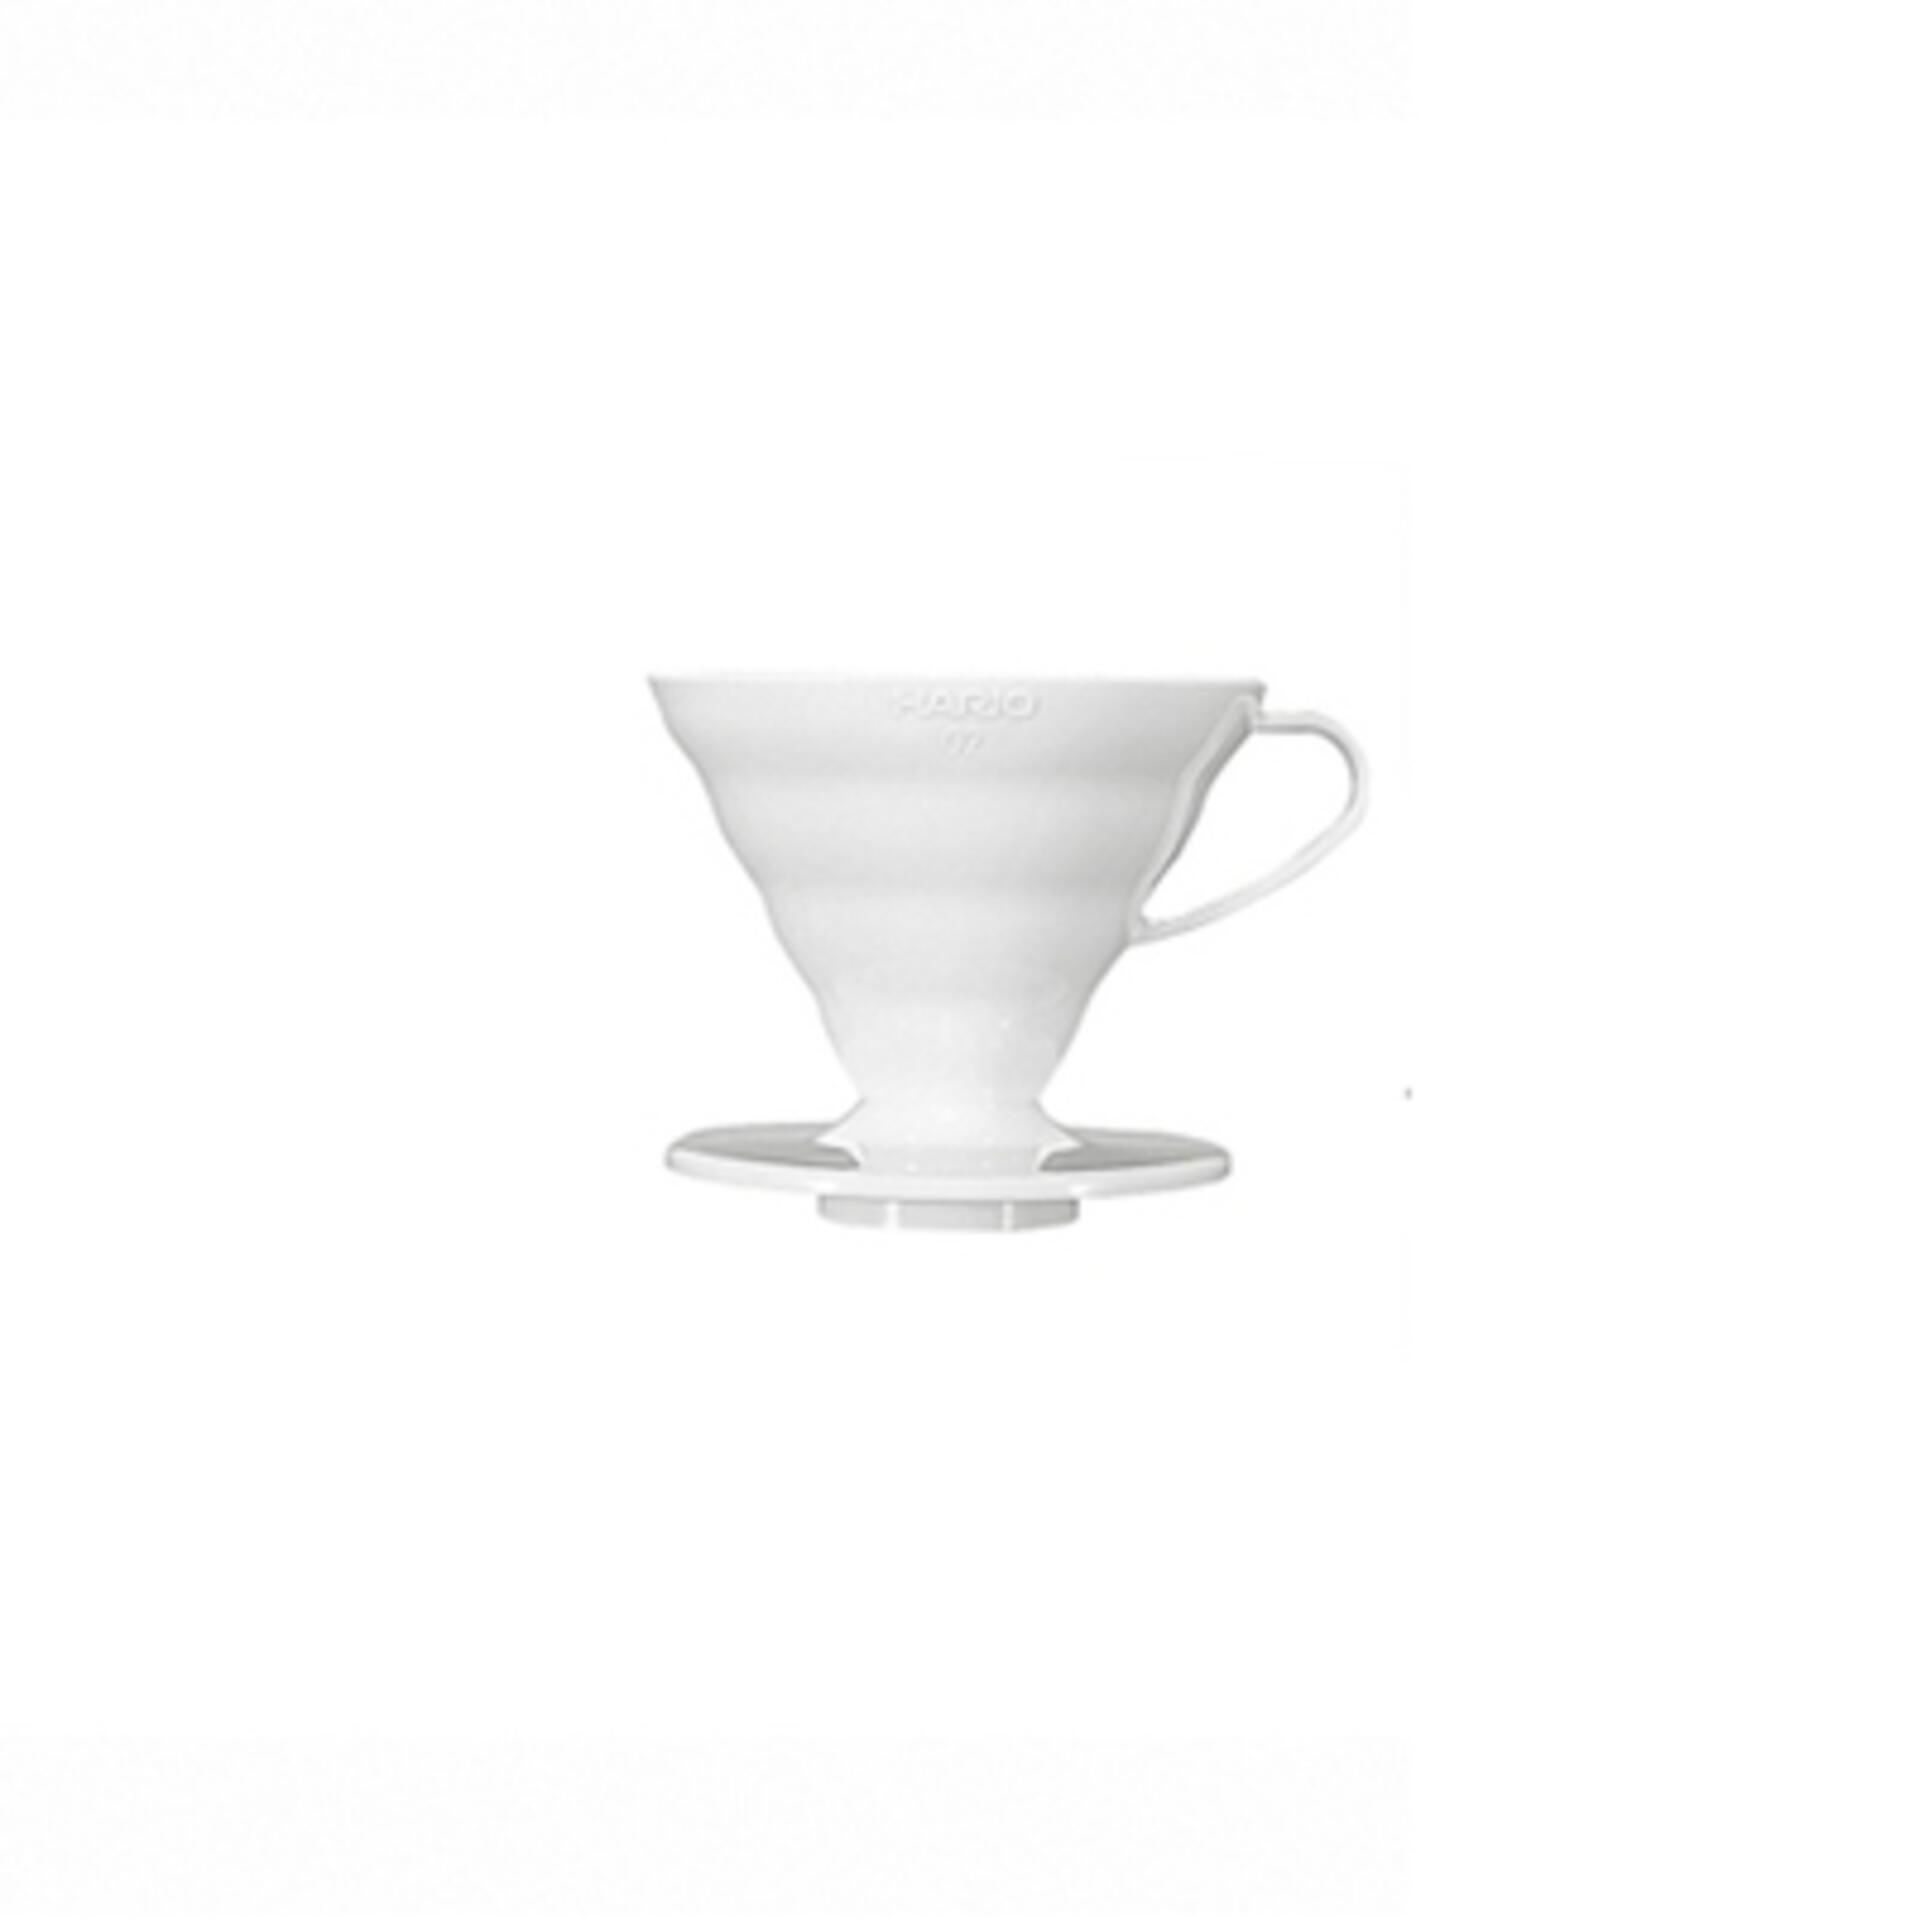 Hario Kaffeefilter V60 Porzellan Gr. 02